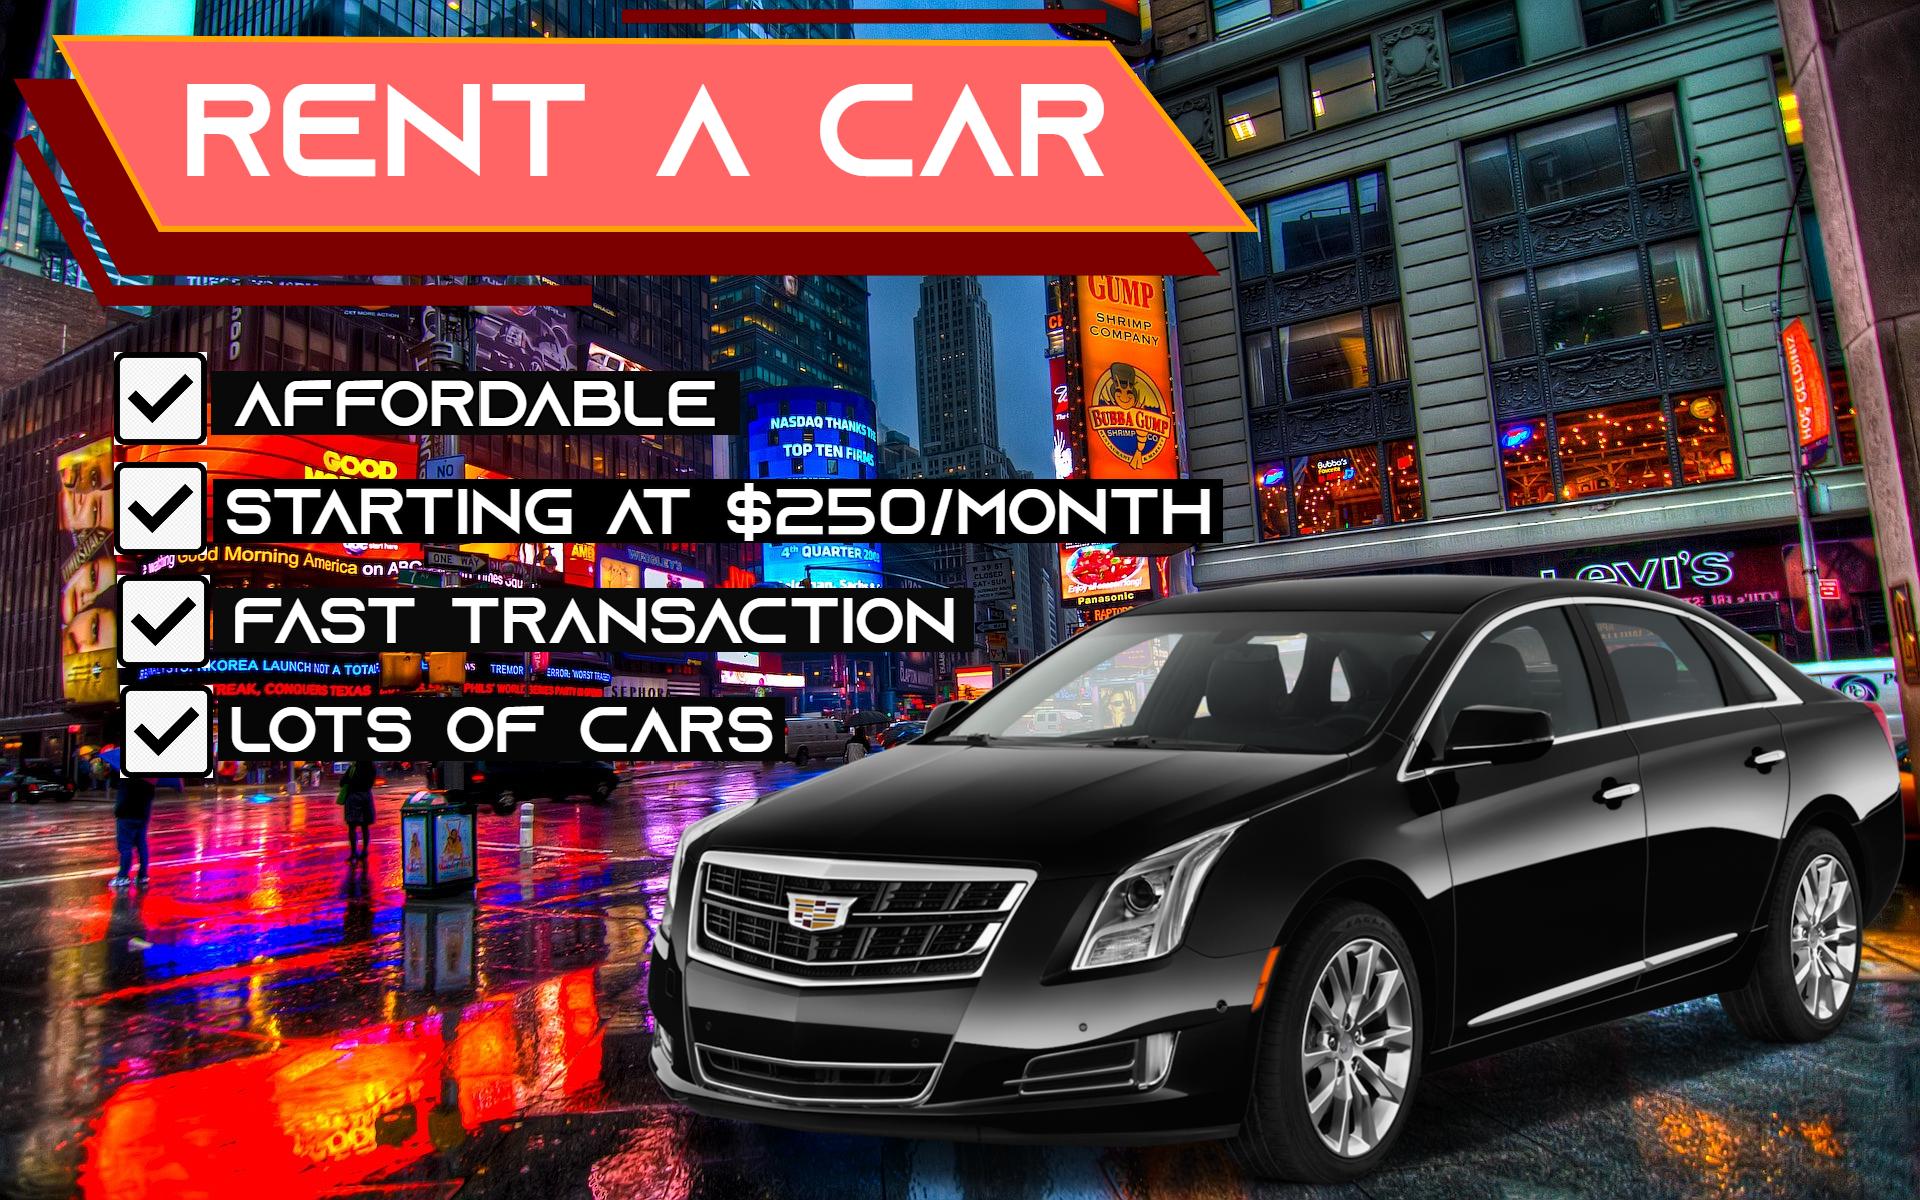 TLC & non-TLC CAR RENTALS!